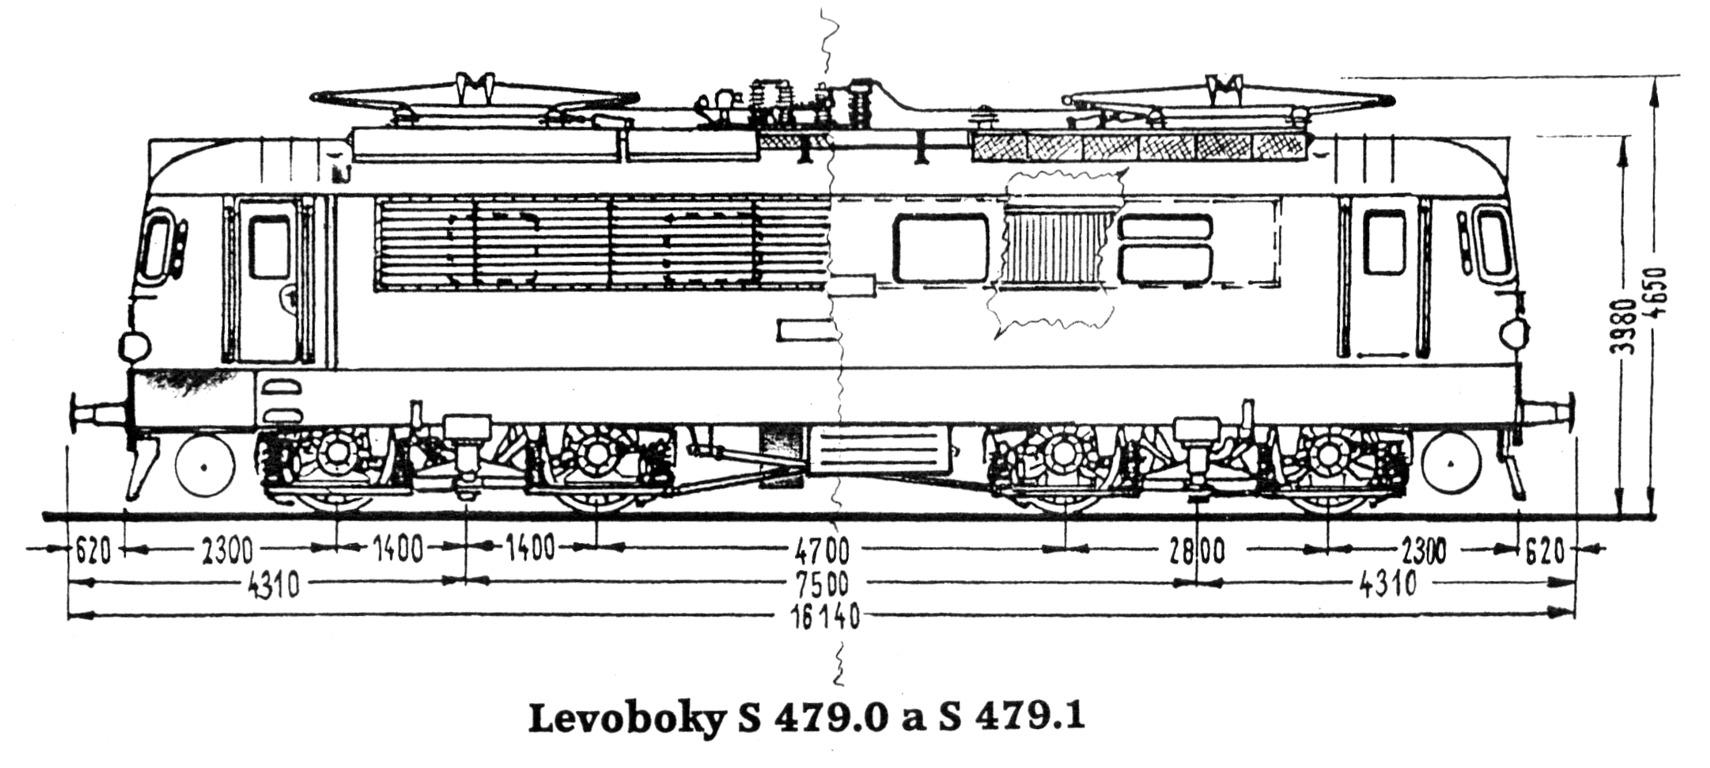 http://www.prototypy.cz/rady/S479_1/obr/S4791nakr_lev.jpg